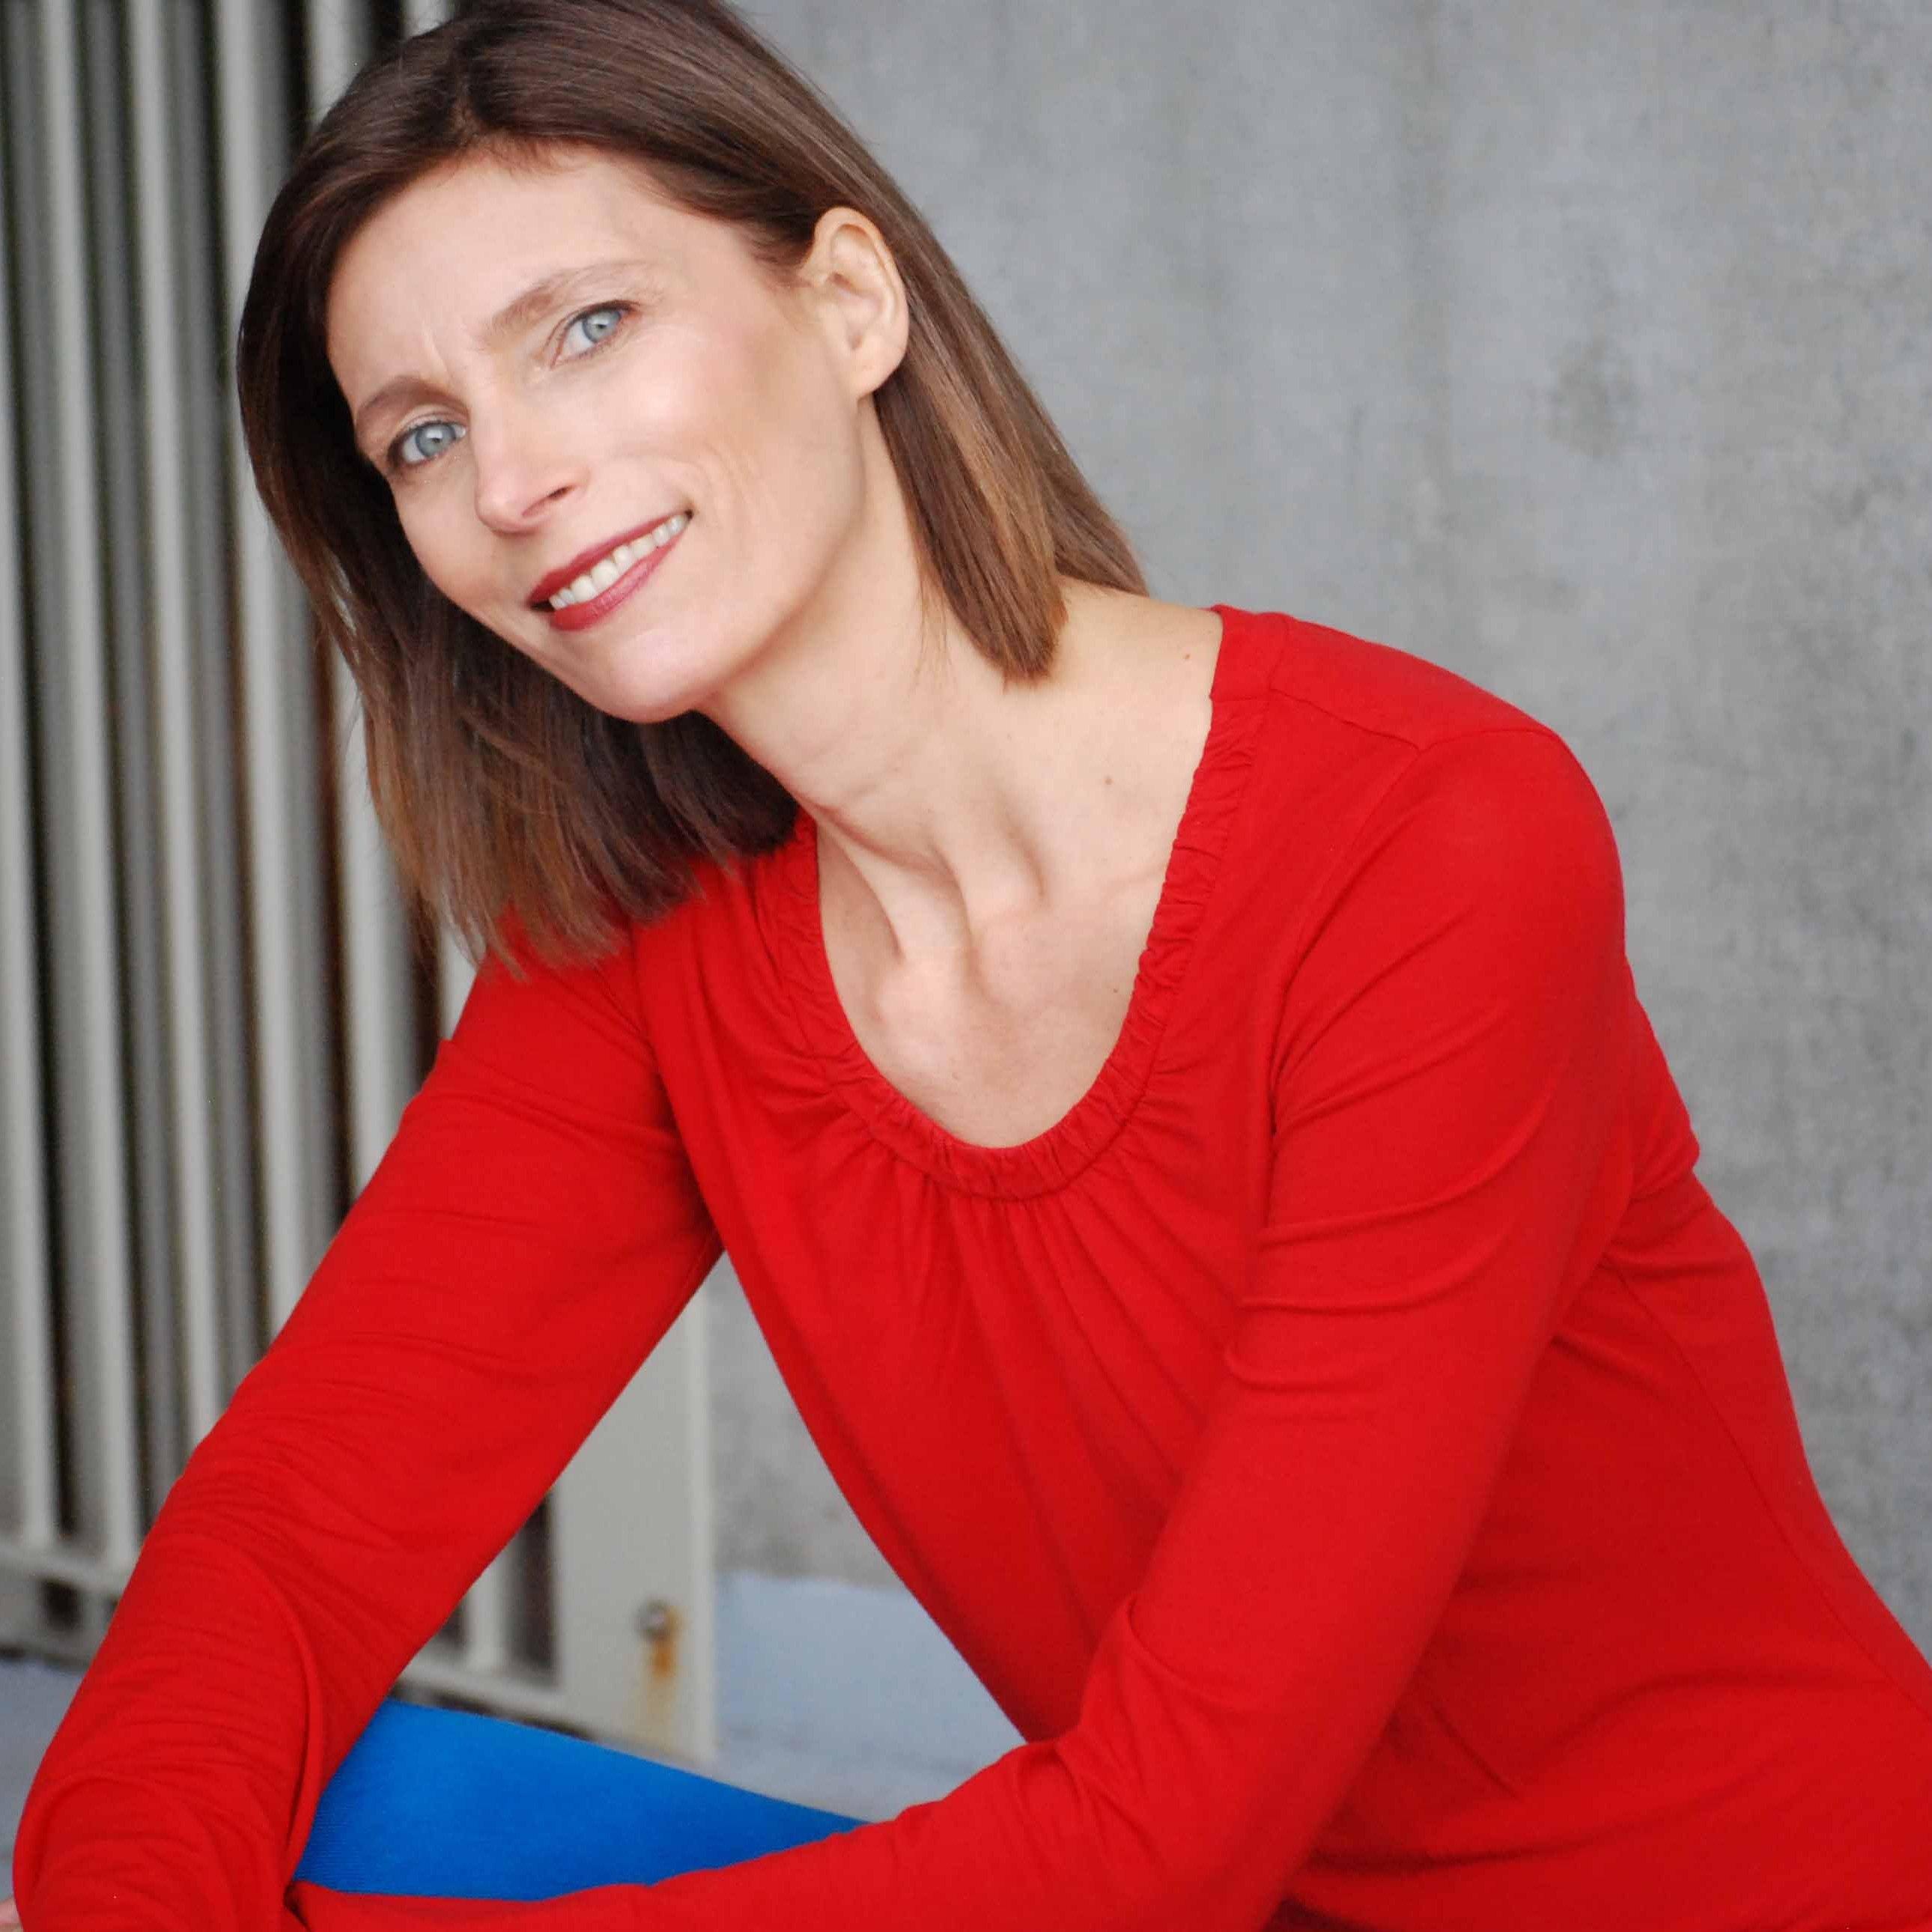 Jill Fuerstenberg